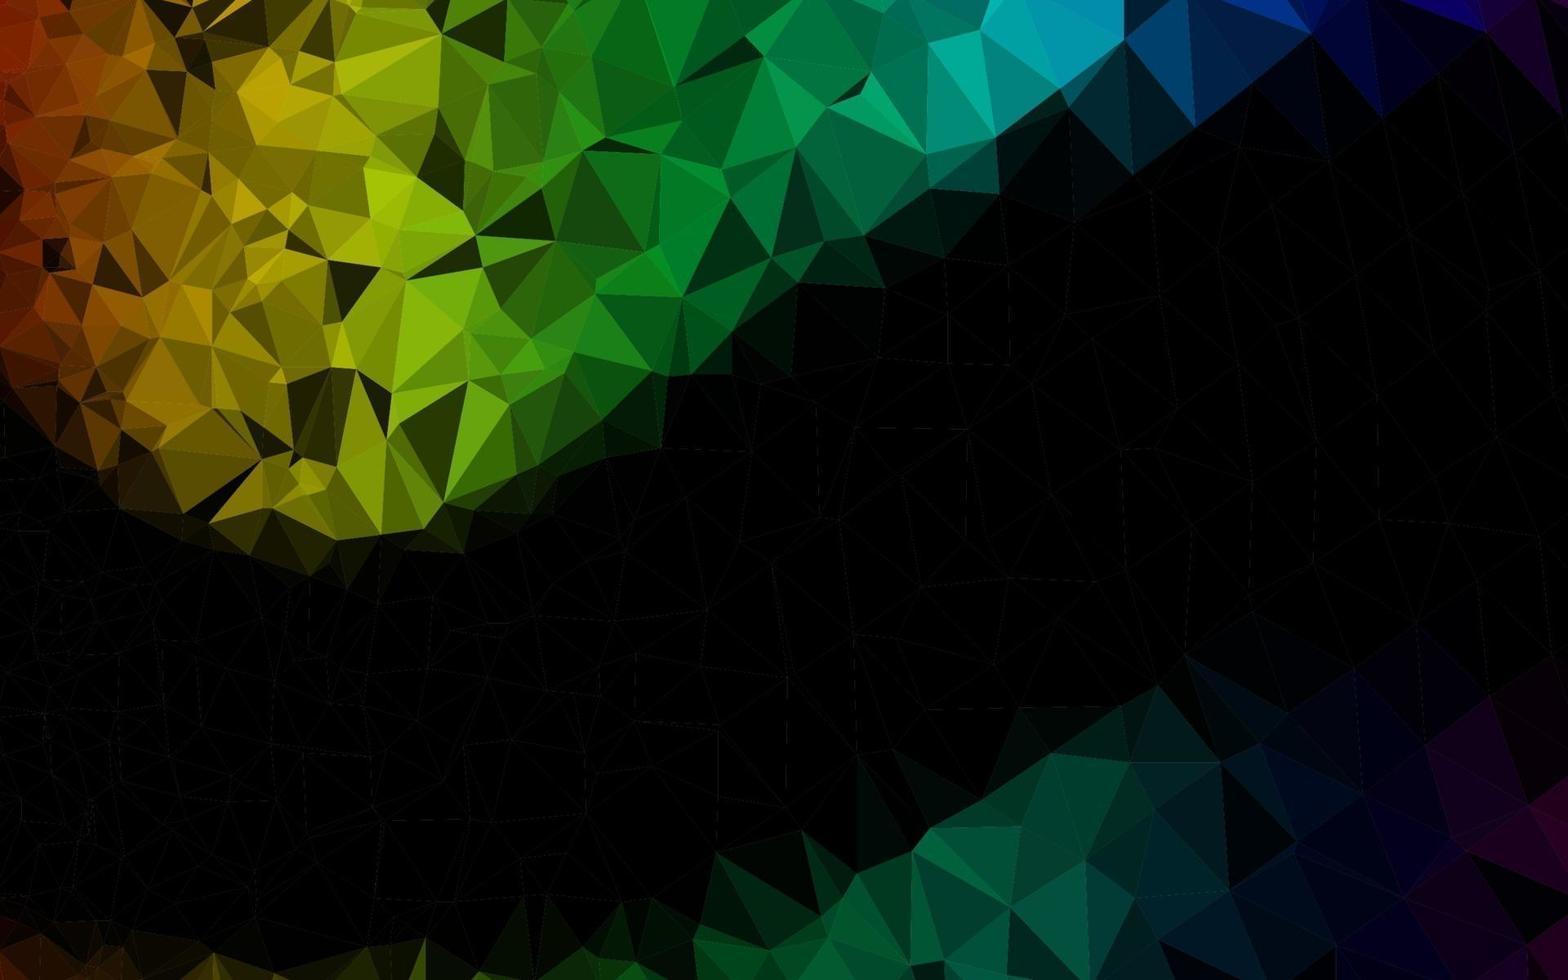 modelo de triângulo embaçado de vetor de arco-íris multicolorido escuro.